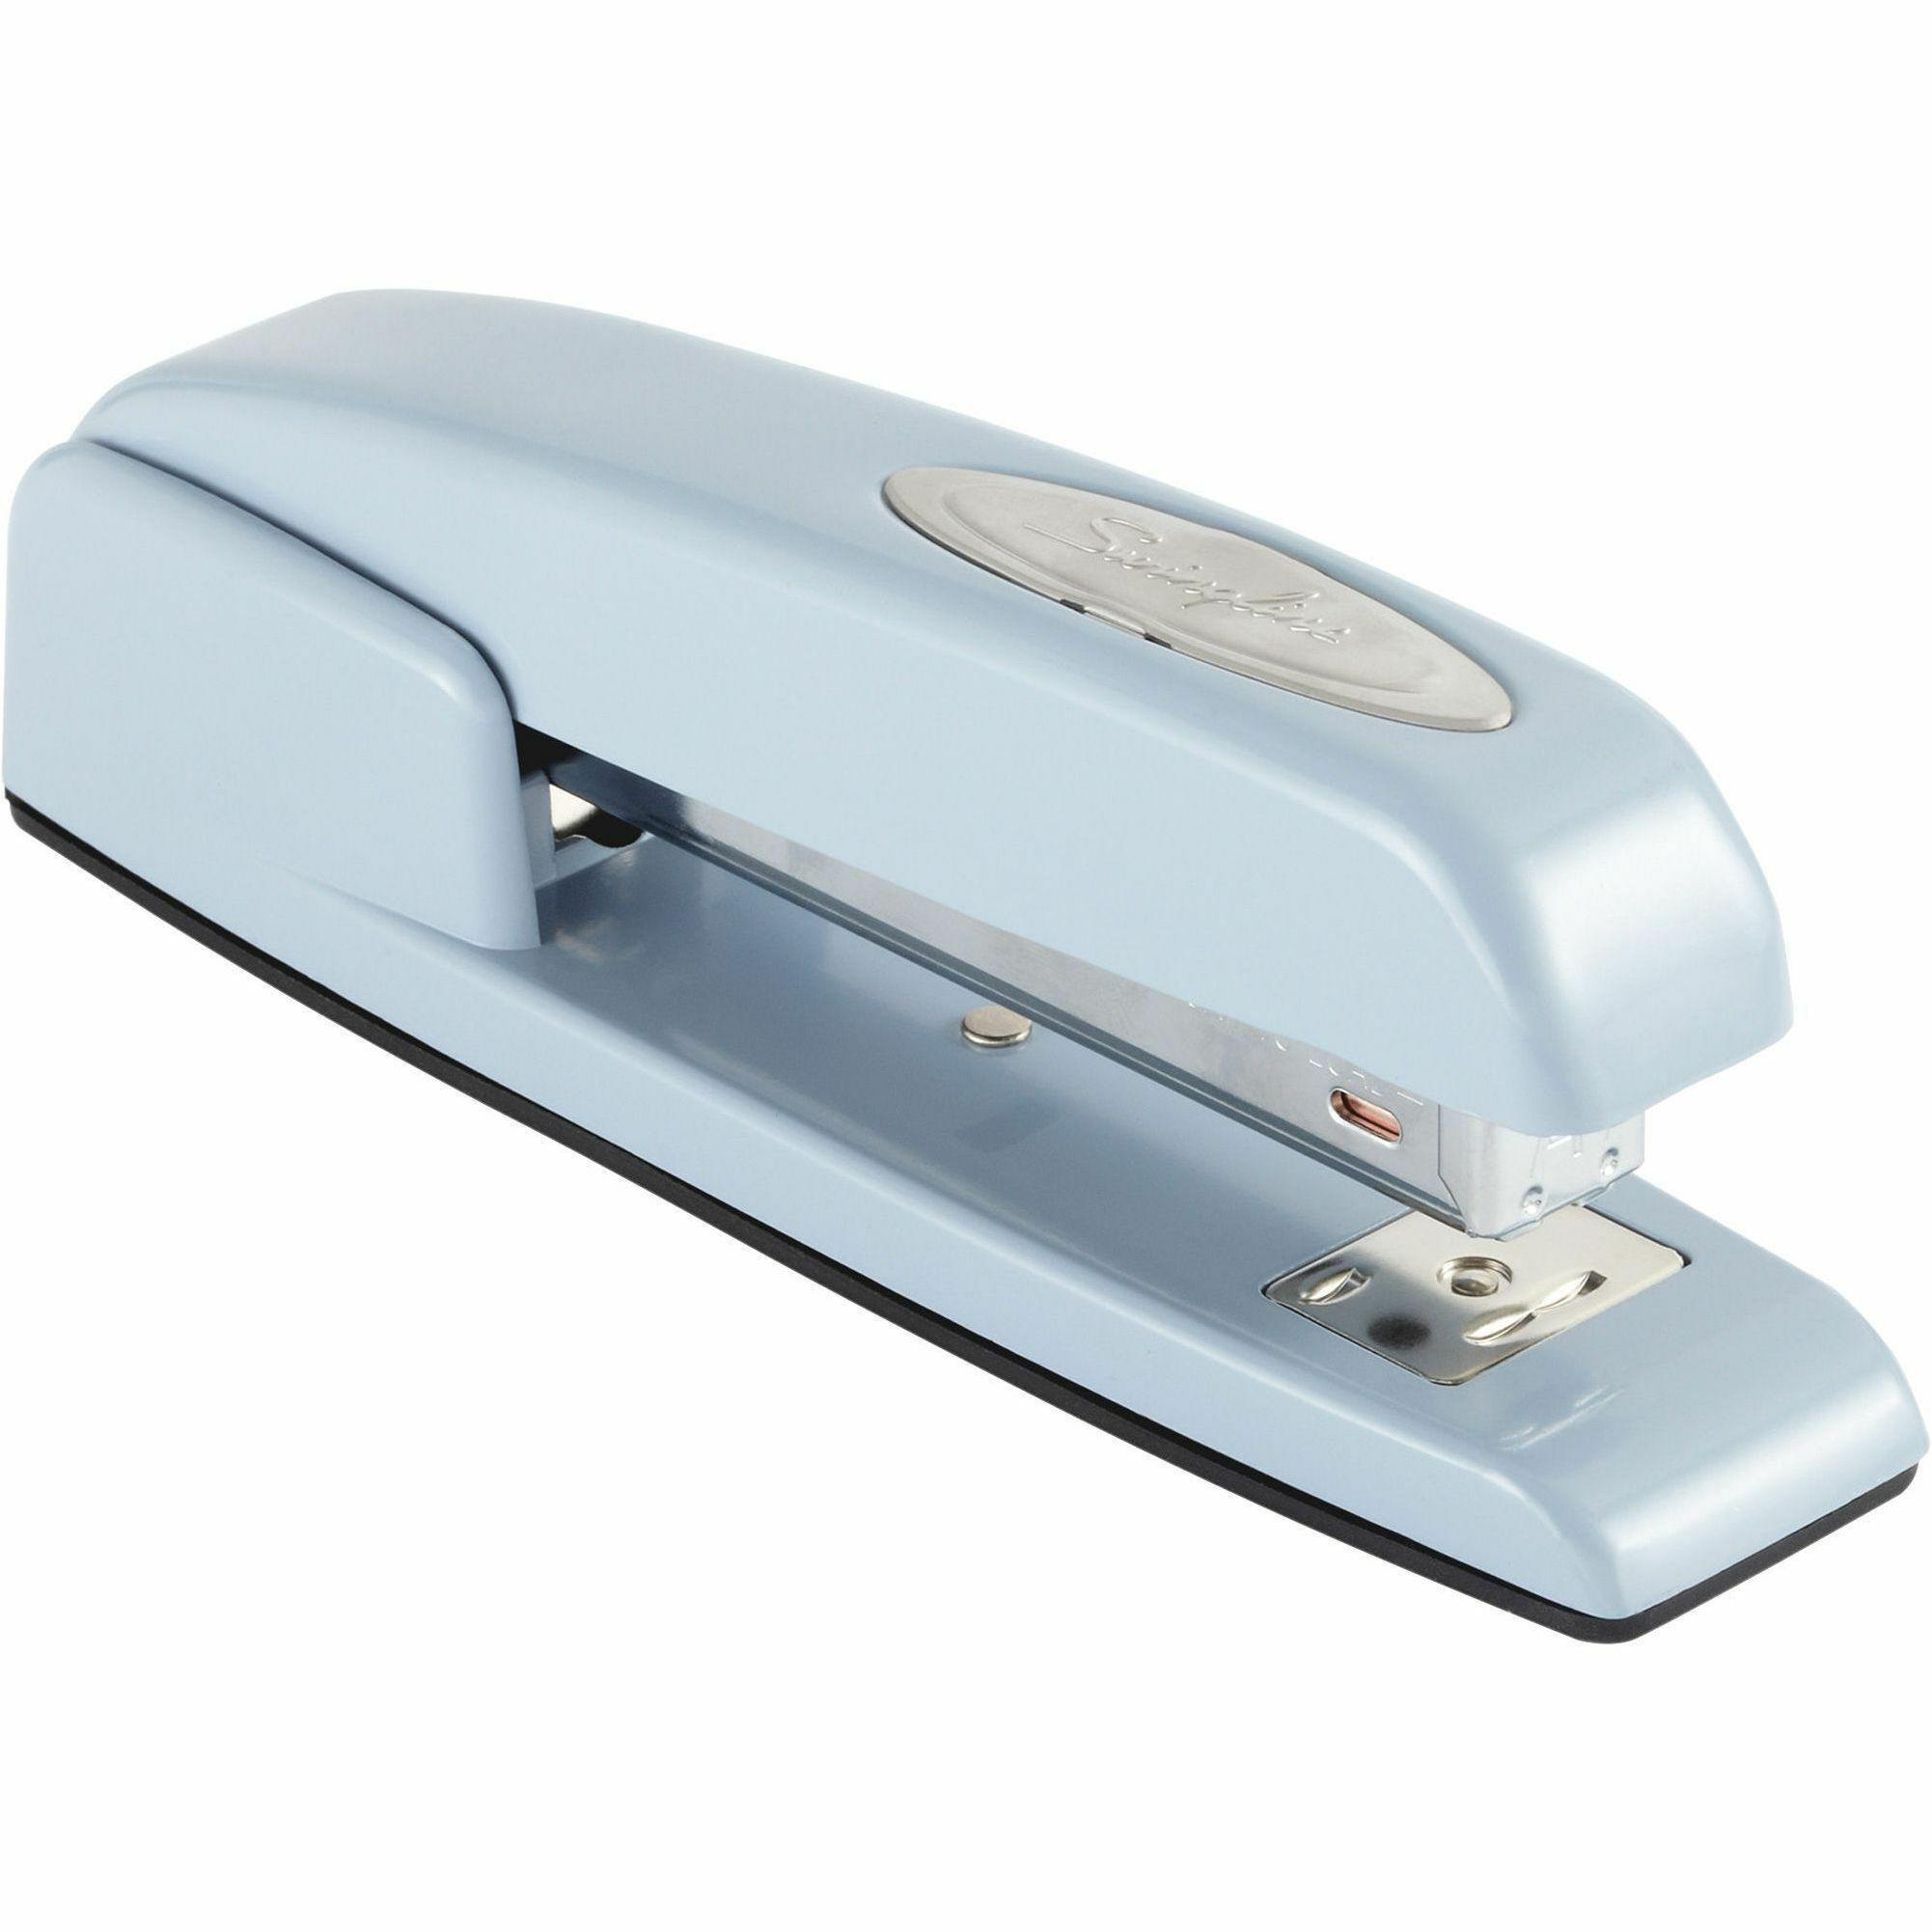 Swingline 747 business stapler laser distance meter 50m